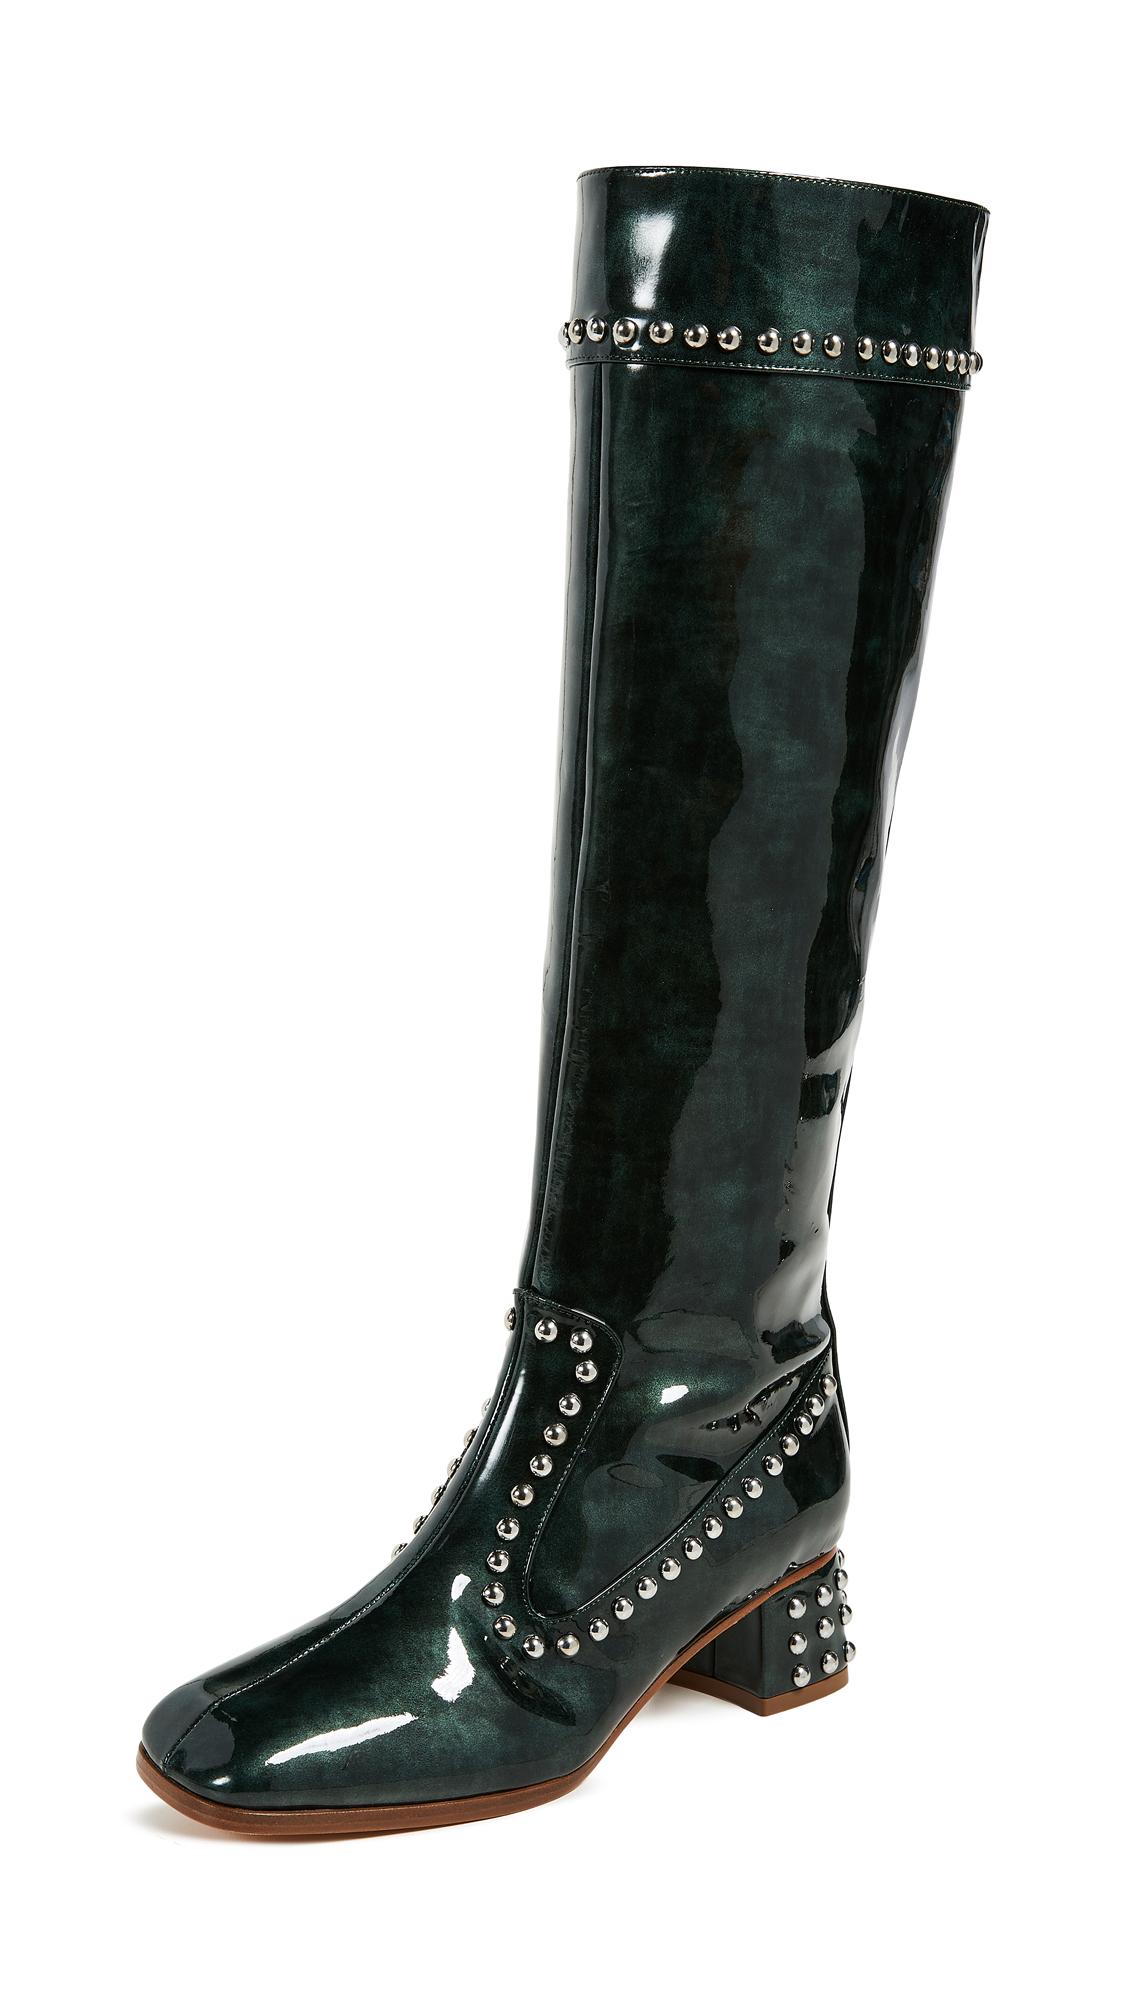 Maryam Nassir Zadeh Kiki Boots - Dark Emerald